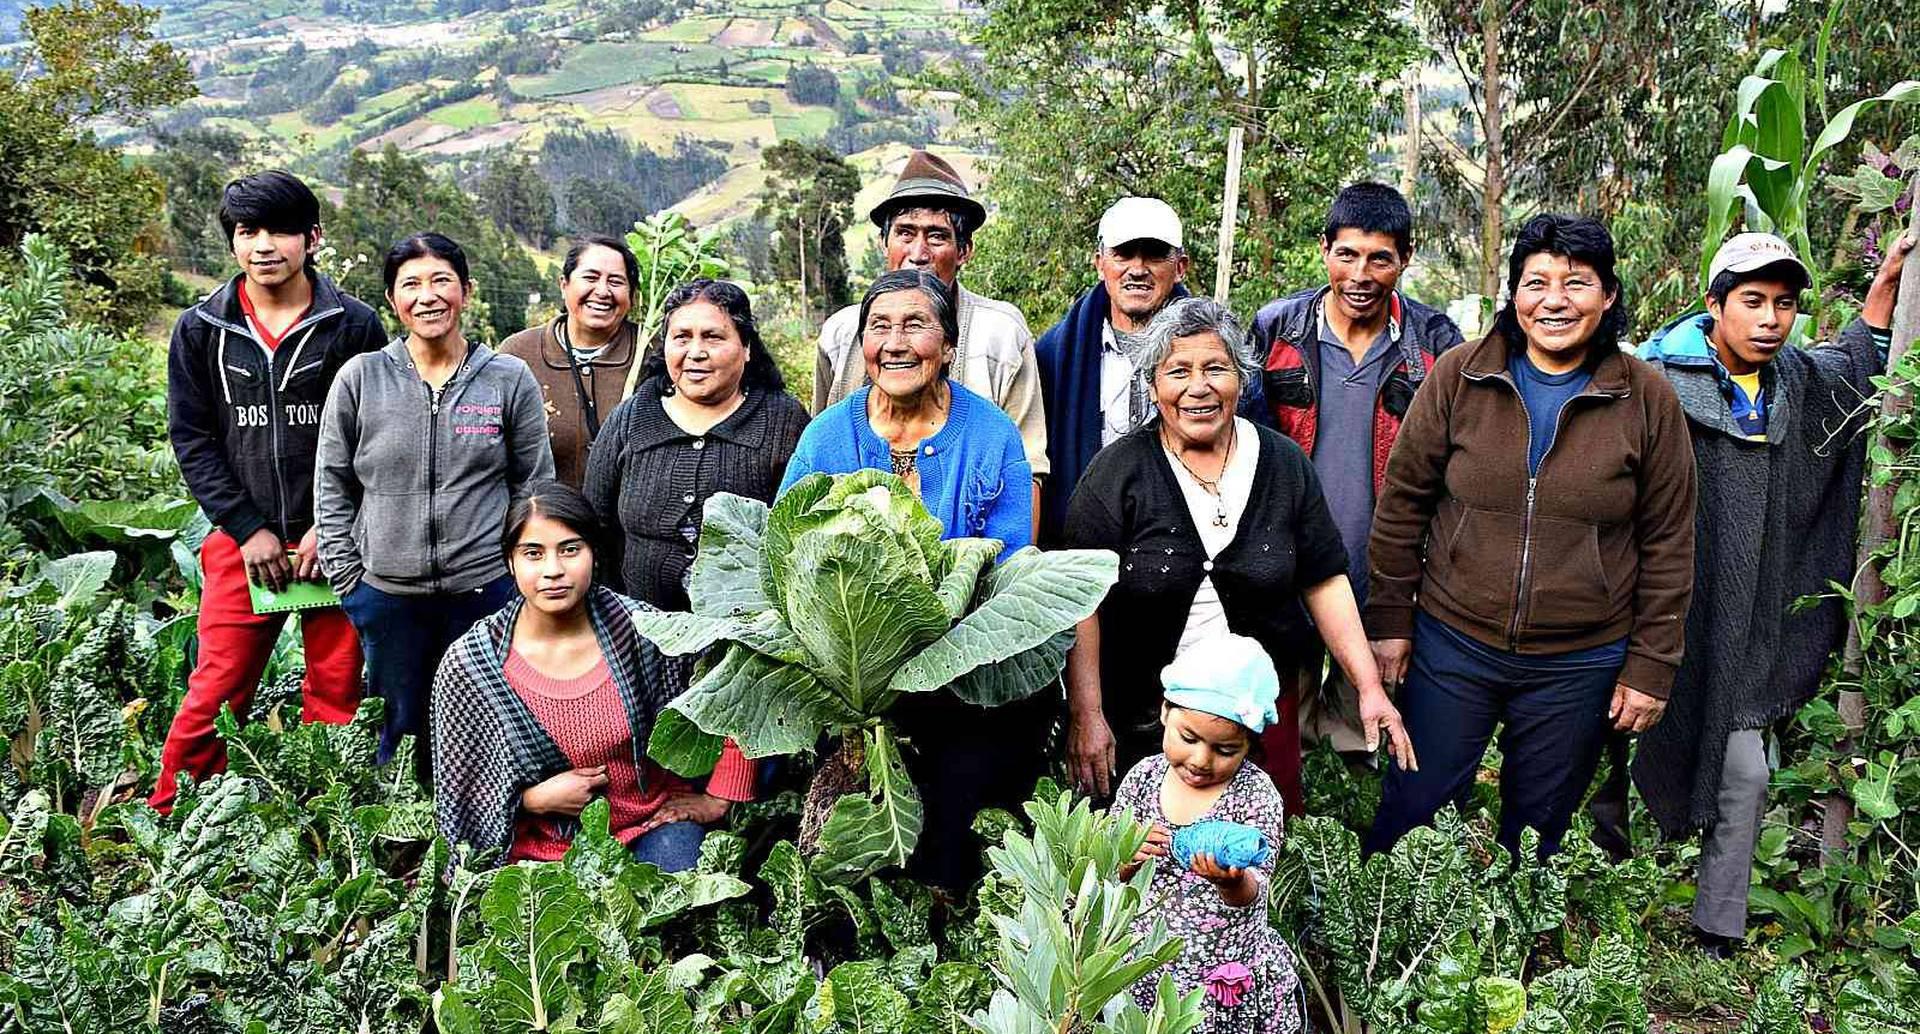 La Agricultura Campesina, Familiar y Comunitaria (ACFC) produce en Colombia más del 70 por ciento de los alimentos.